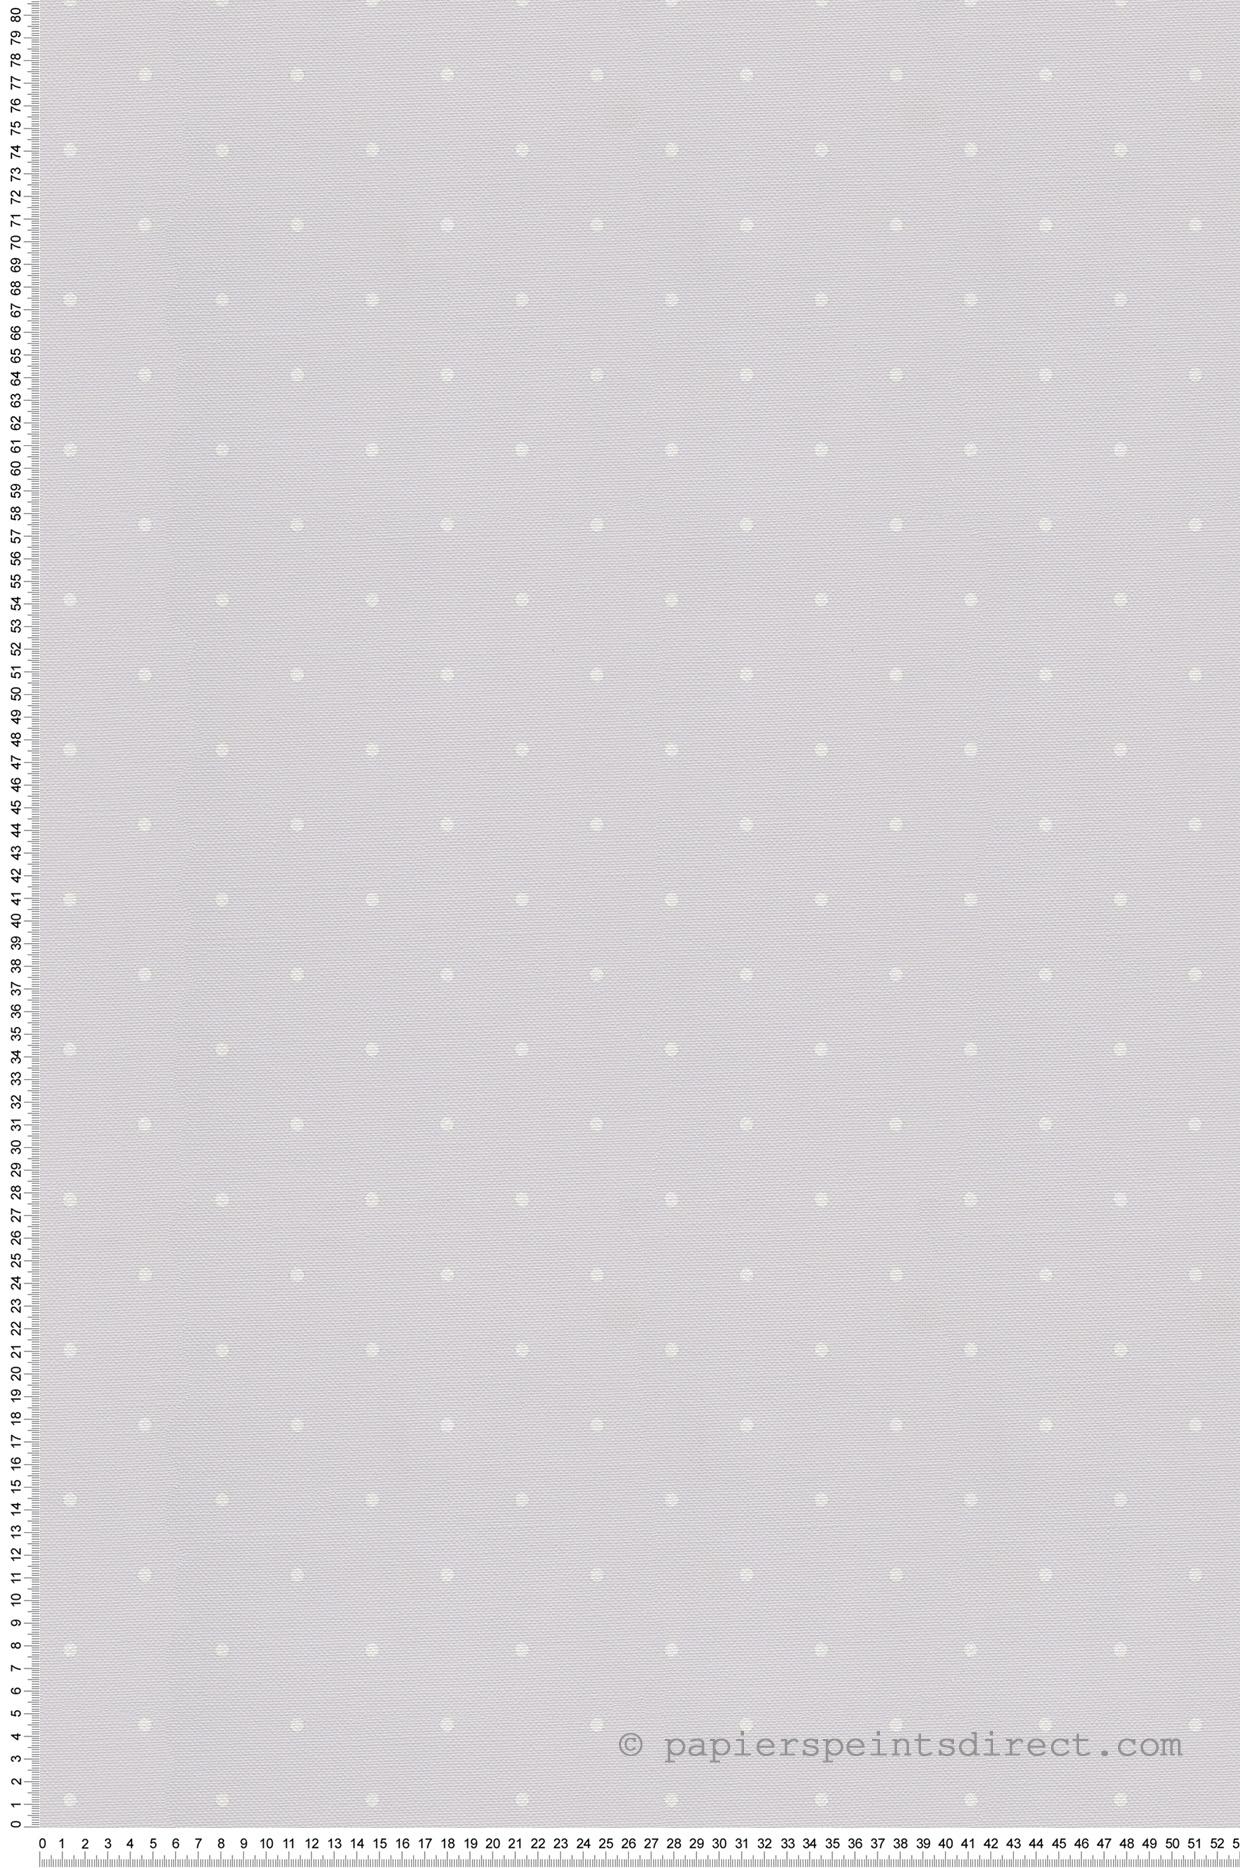 Papier peint enfant Pois gris - Jack N Rose 2 de Montecolino   Réf. MC-LL04118